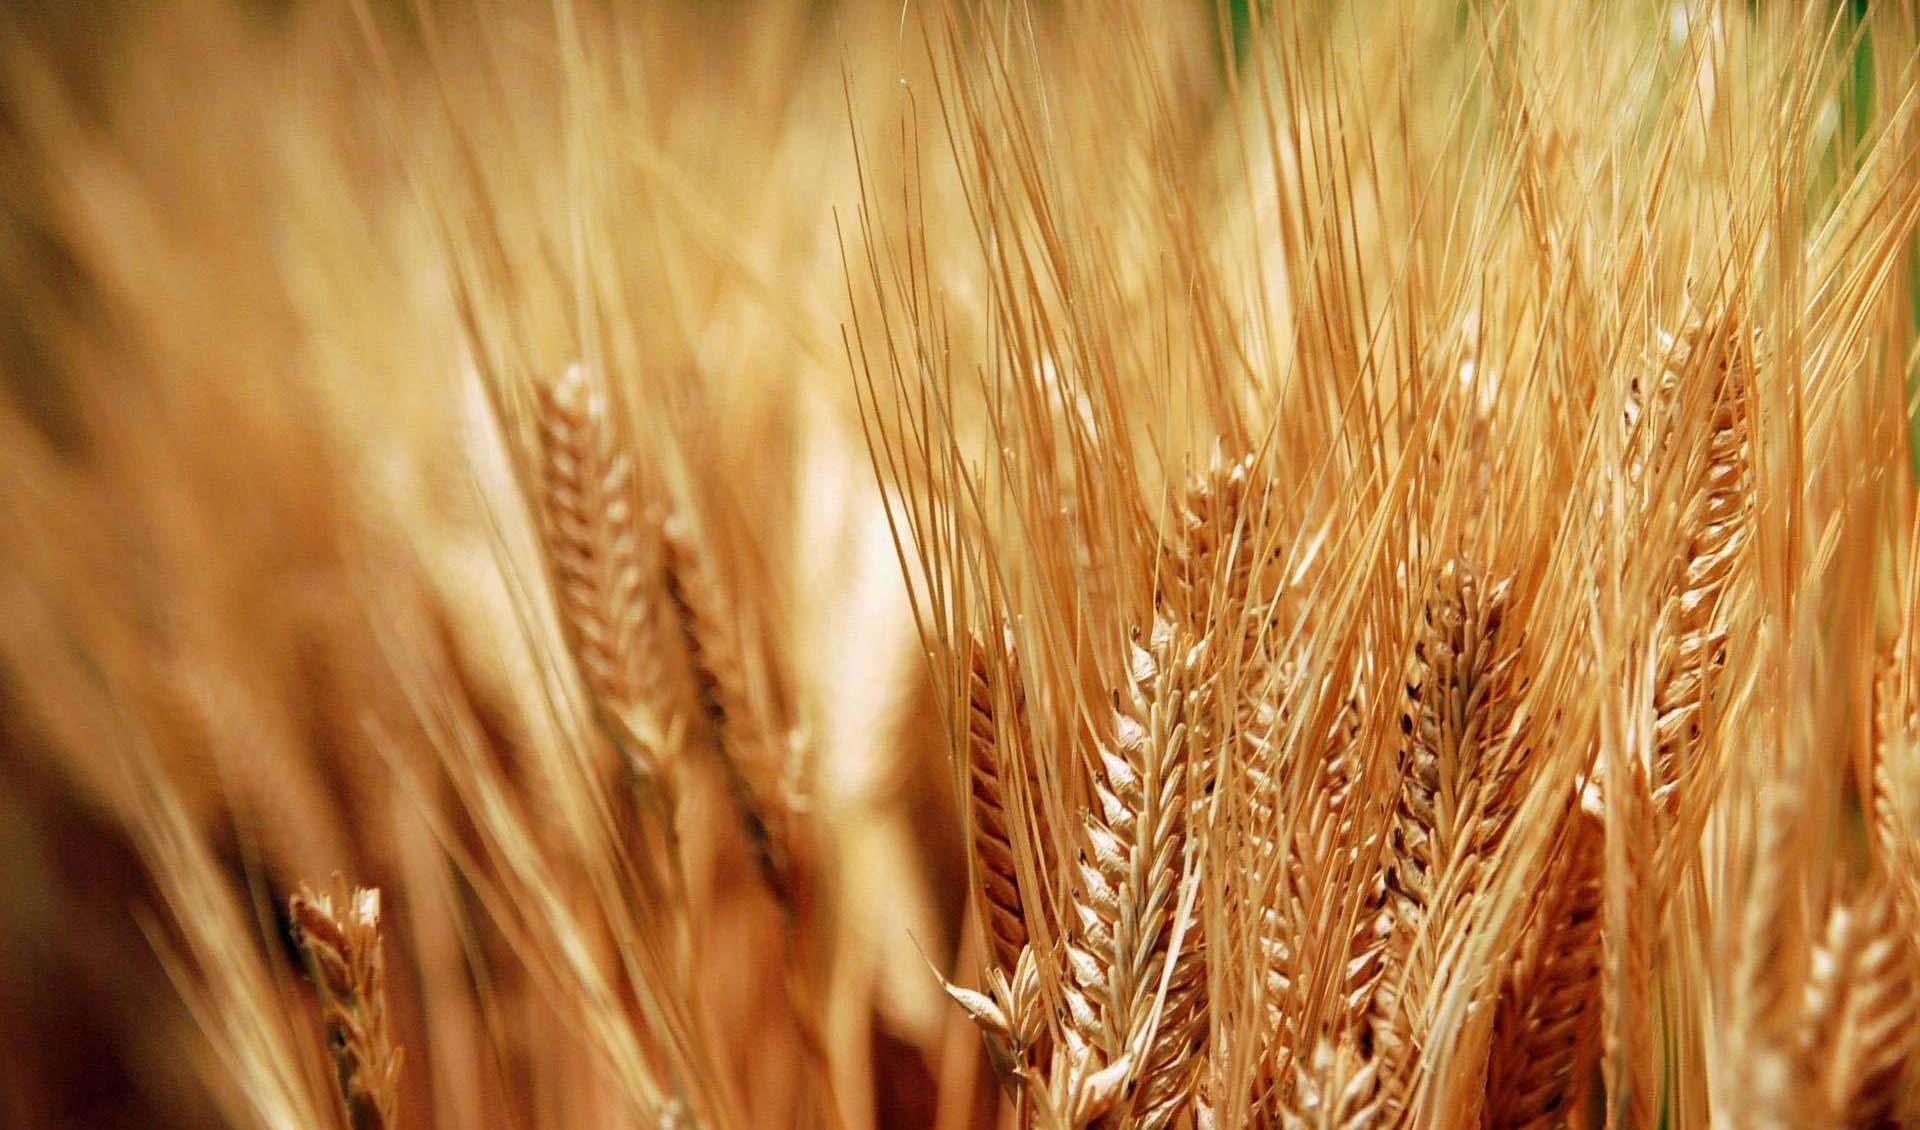 تخلف قانونی دولت در اعلام نرخ خرید تضمینی گندم/ کشاورزان بلاتکلیفند